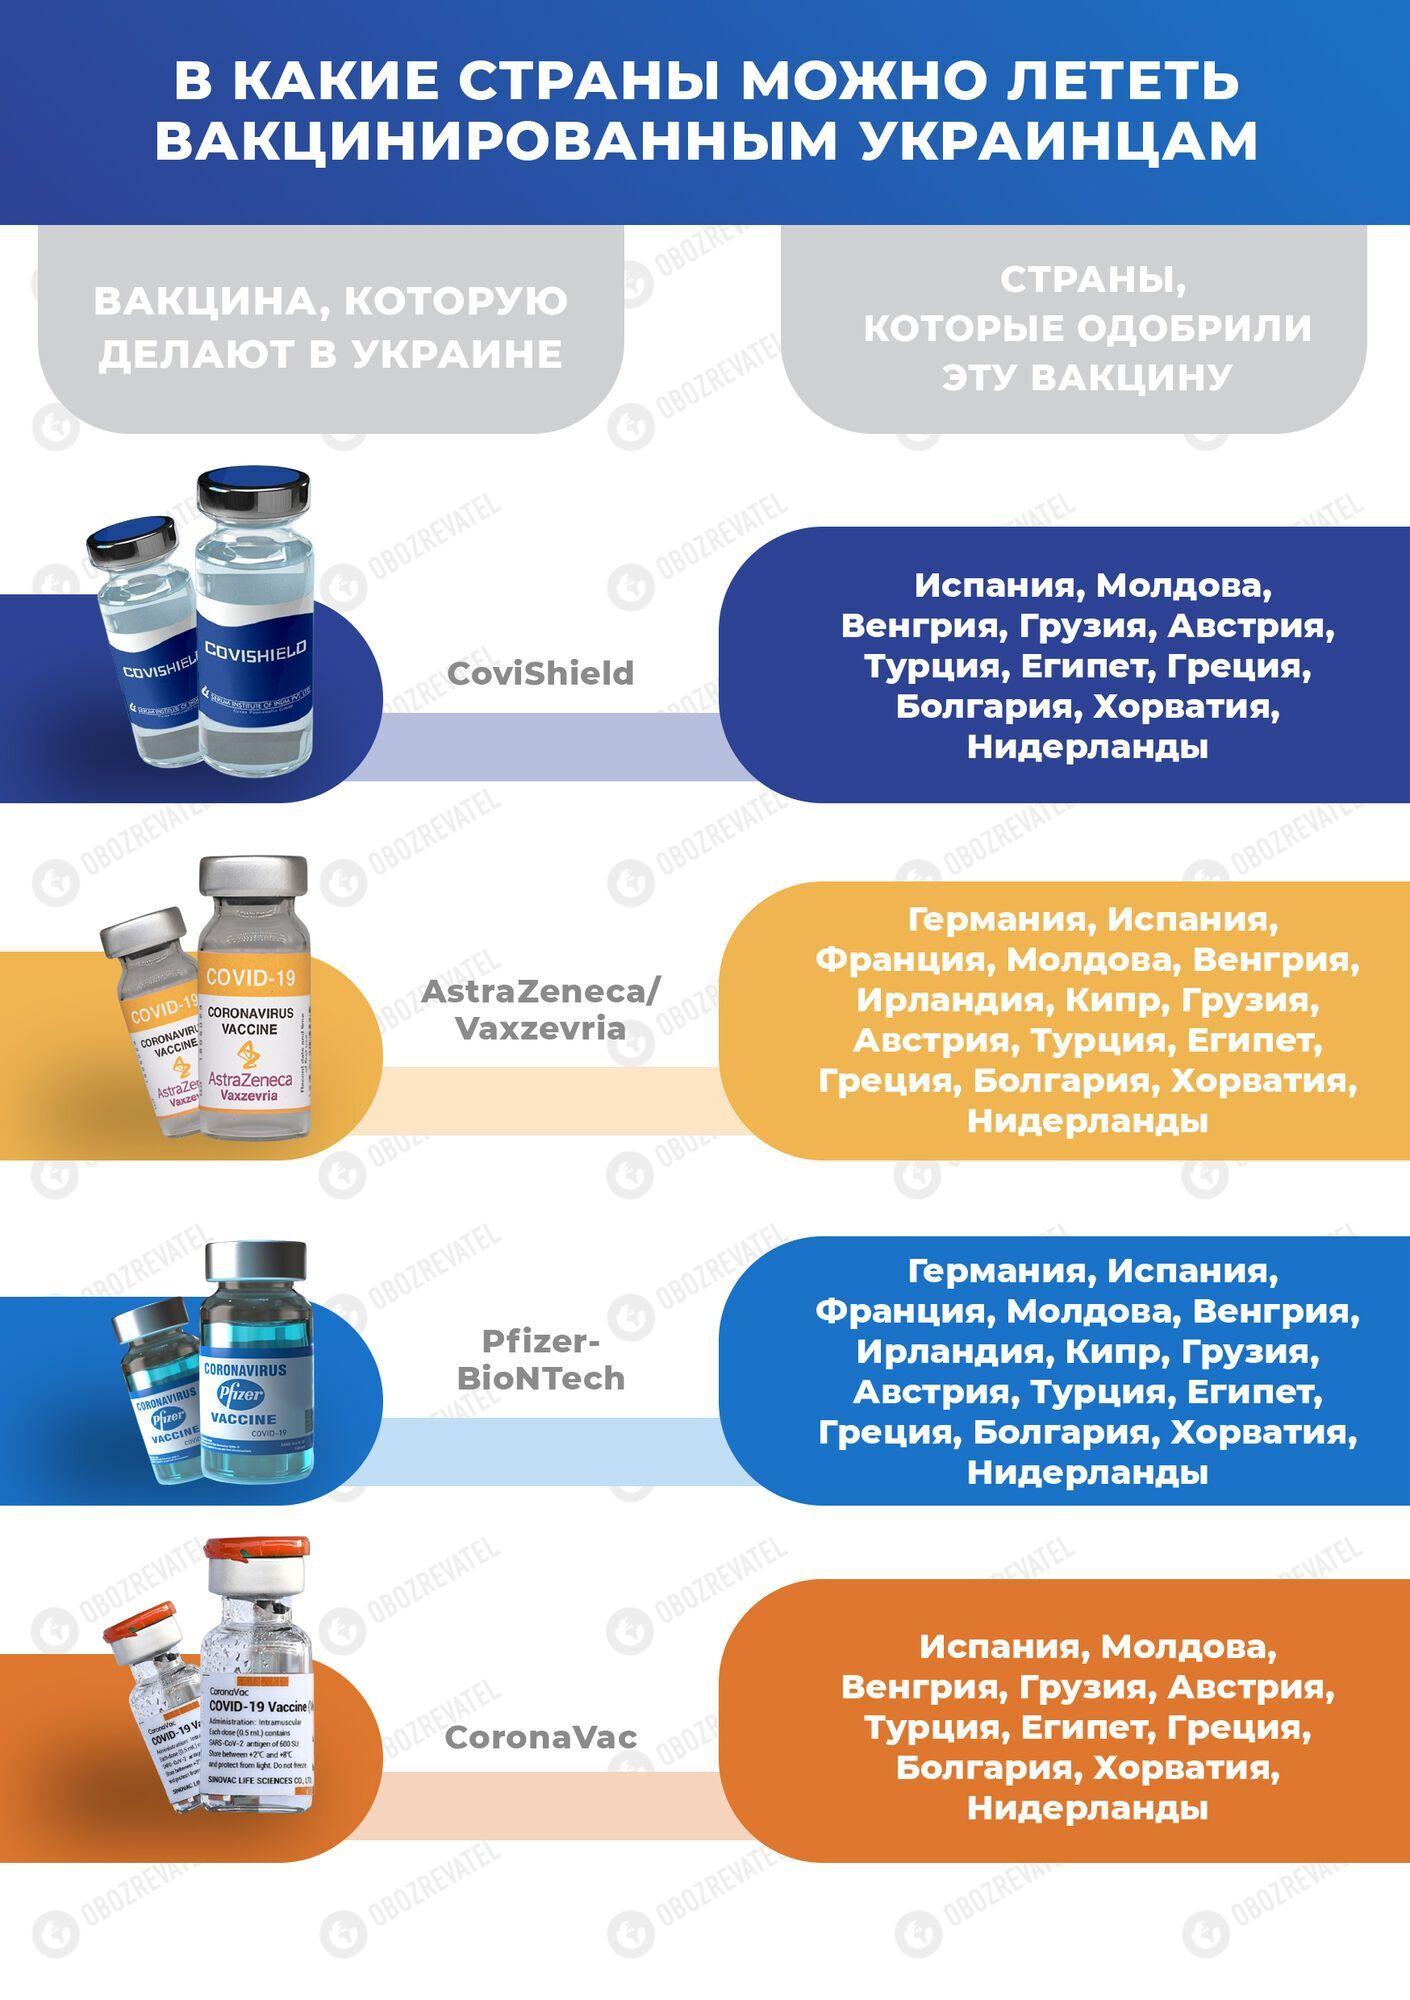 Где смогут отдохнуть вакцинированные украинцы без сдачи ПЦР: список стран. Инфографика